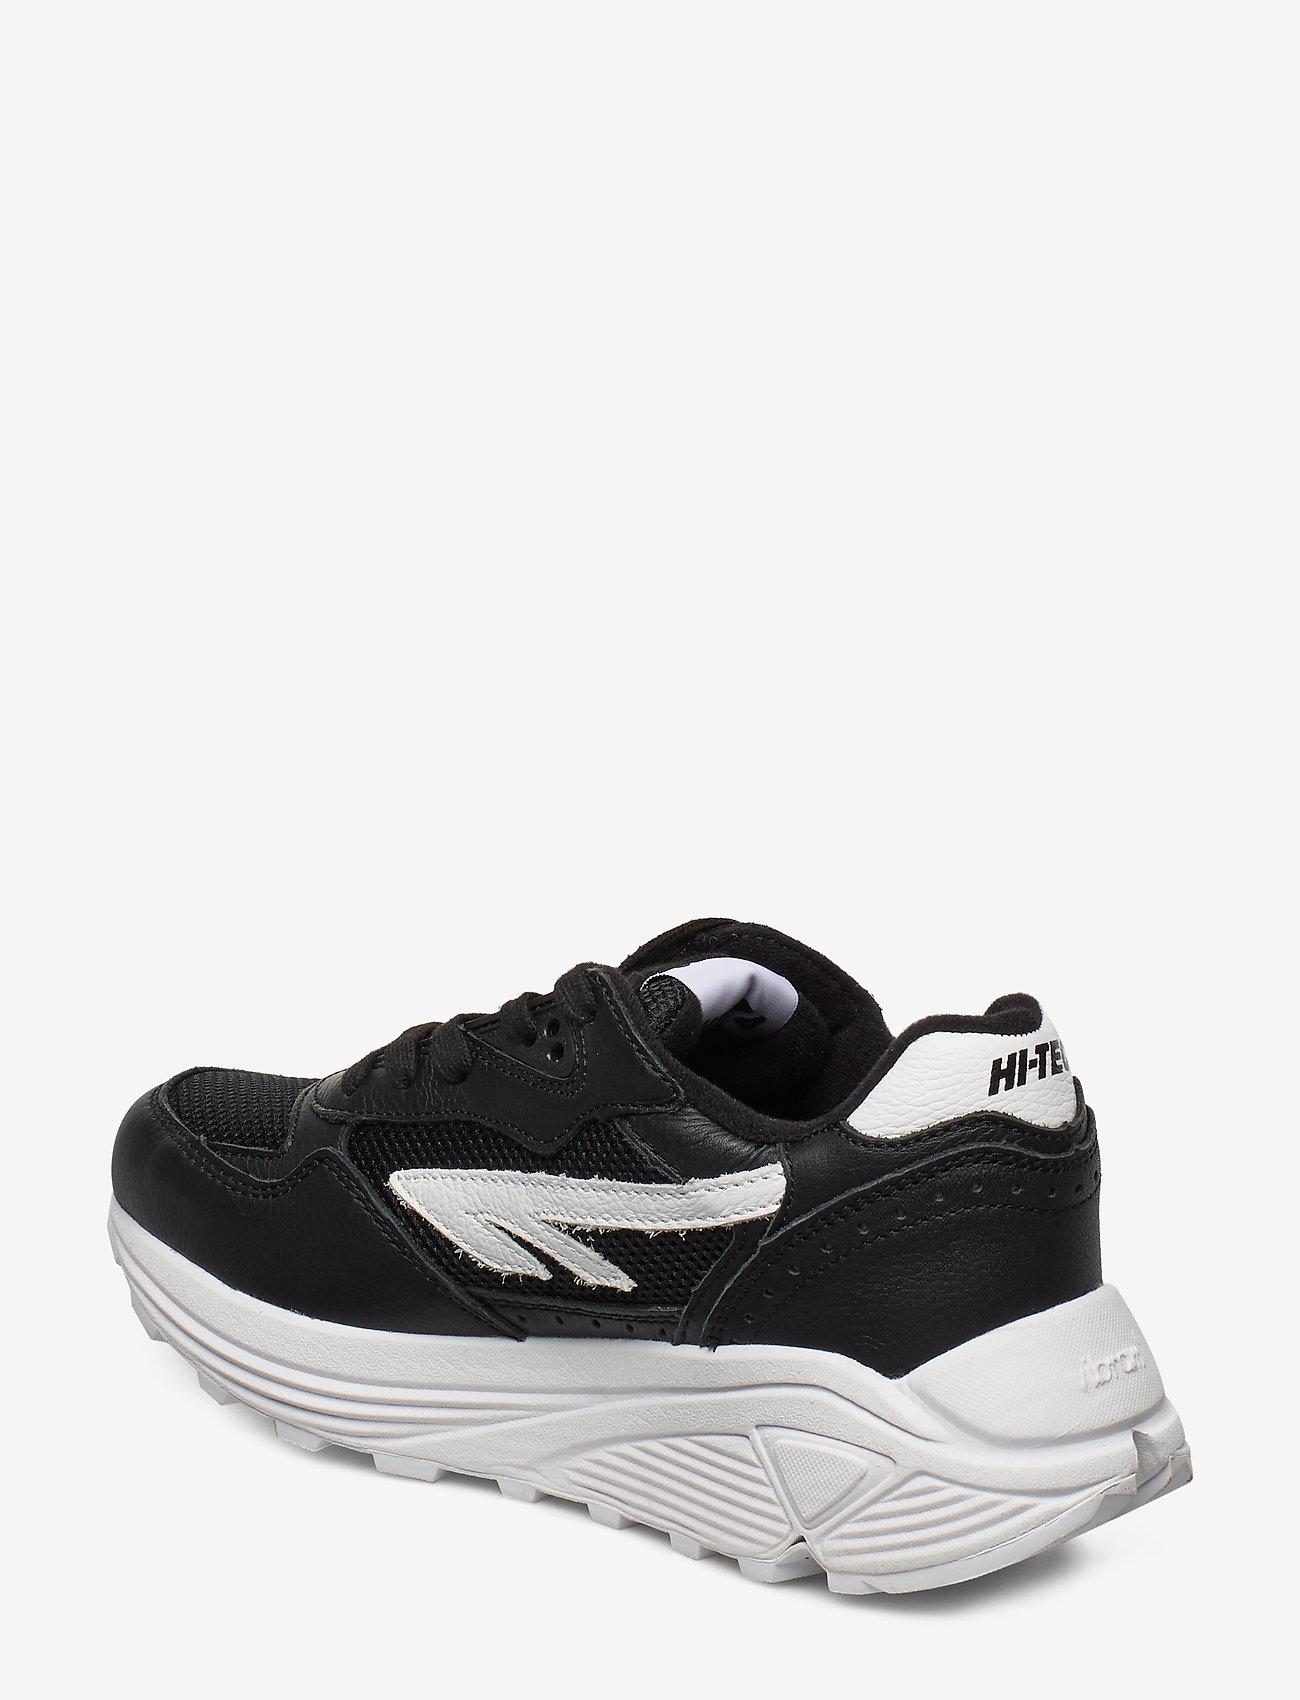 Ht Shadow Rgs Suede Black/white (Black/white) (116.25 €) - Hi-Tec bvcGc